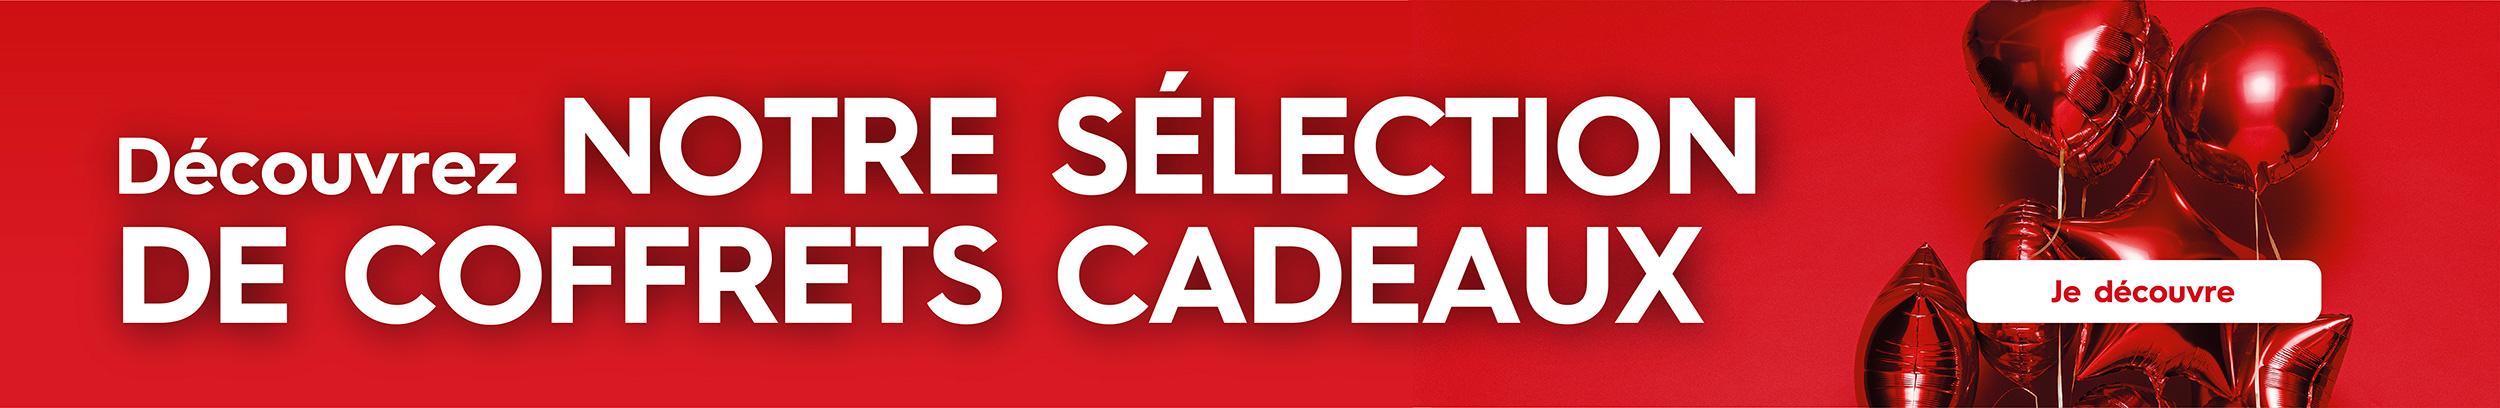 Découvrez notre sélection de COFFRETS CADEAUX